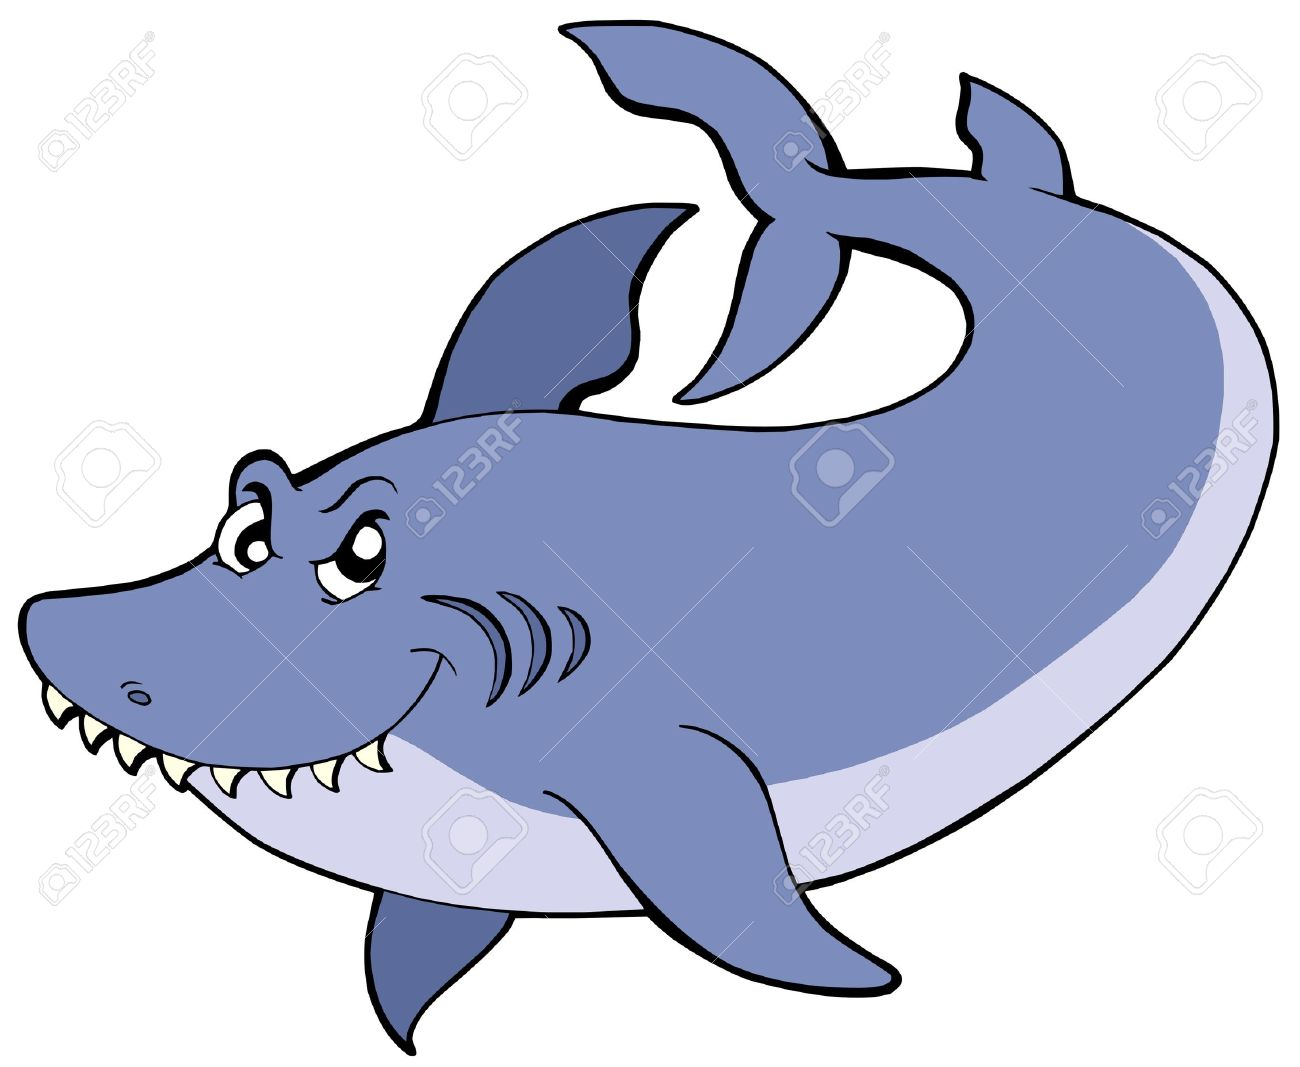 Big blue shark - vector illustration. Stock Vector - 5450830